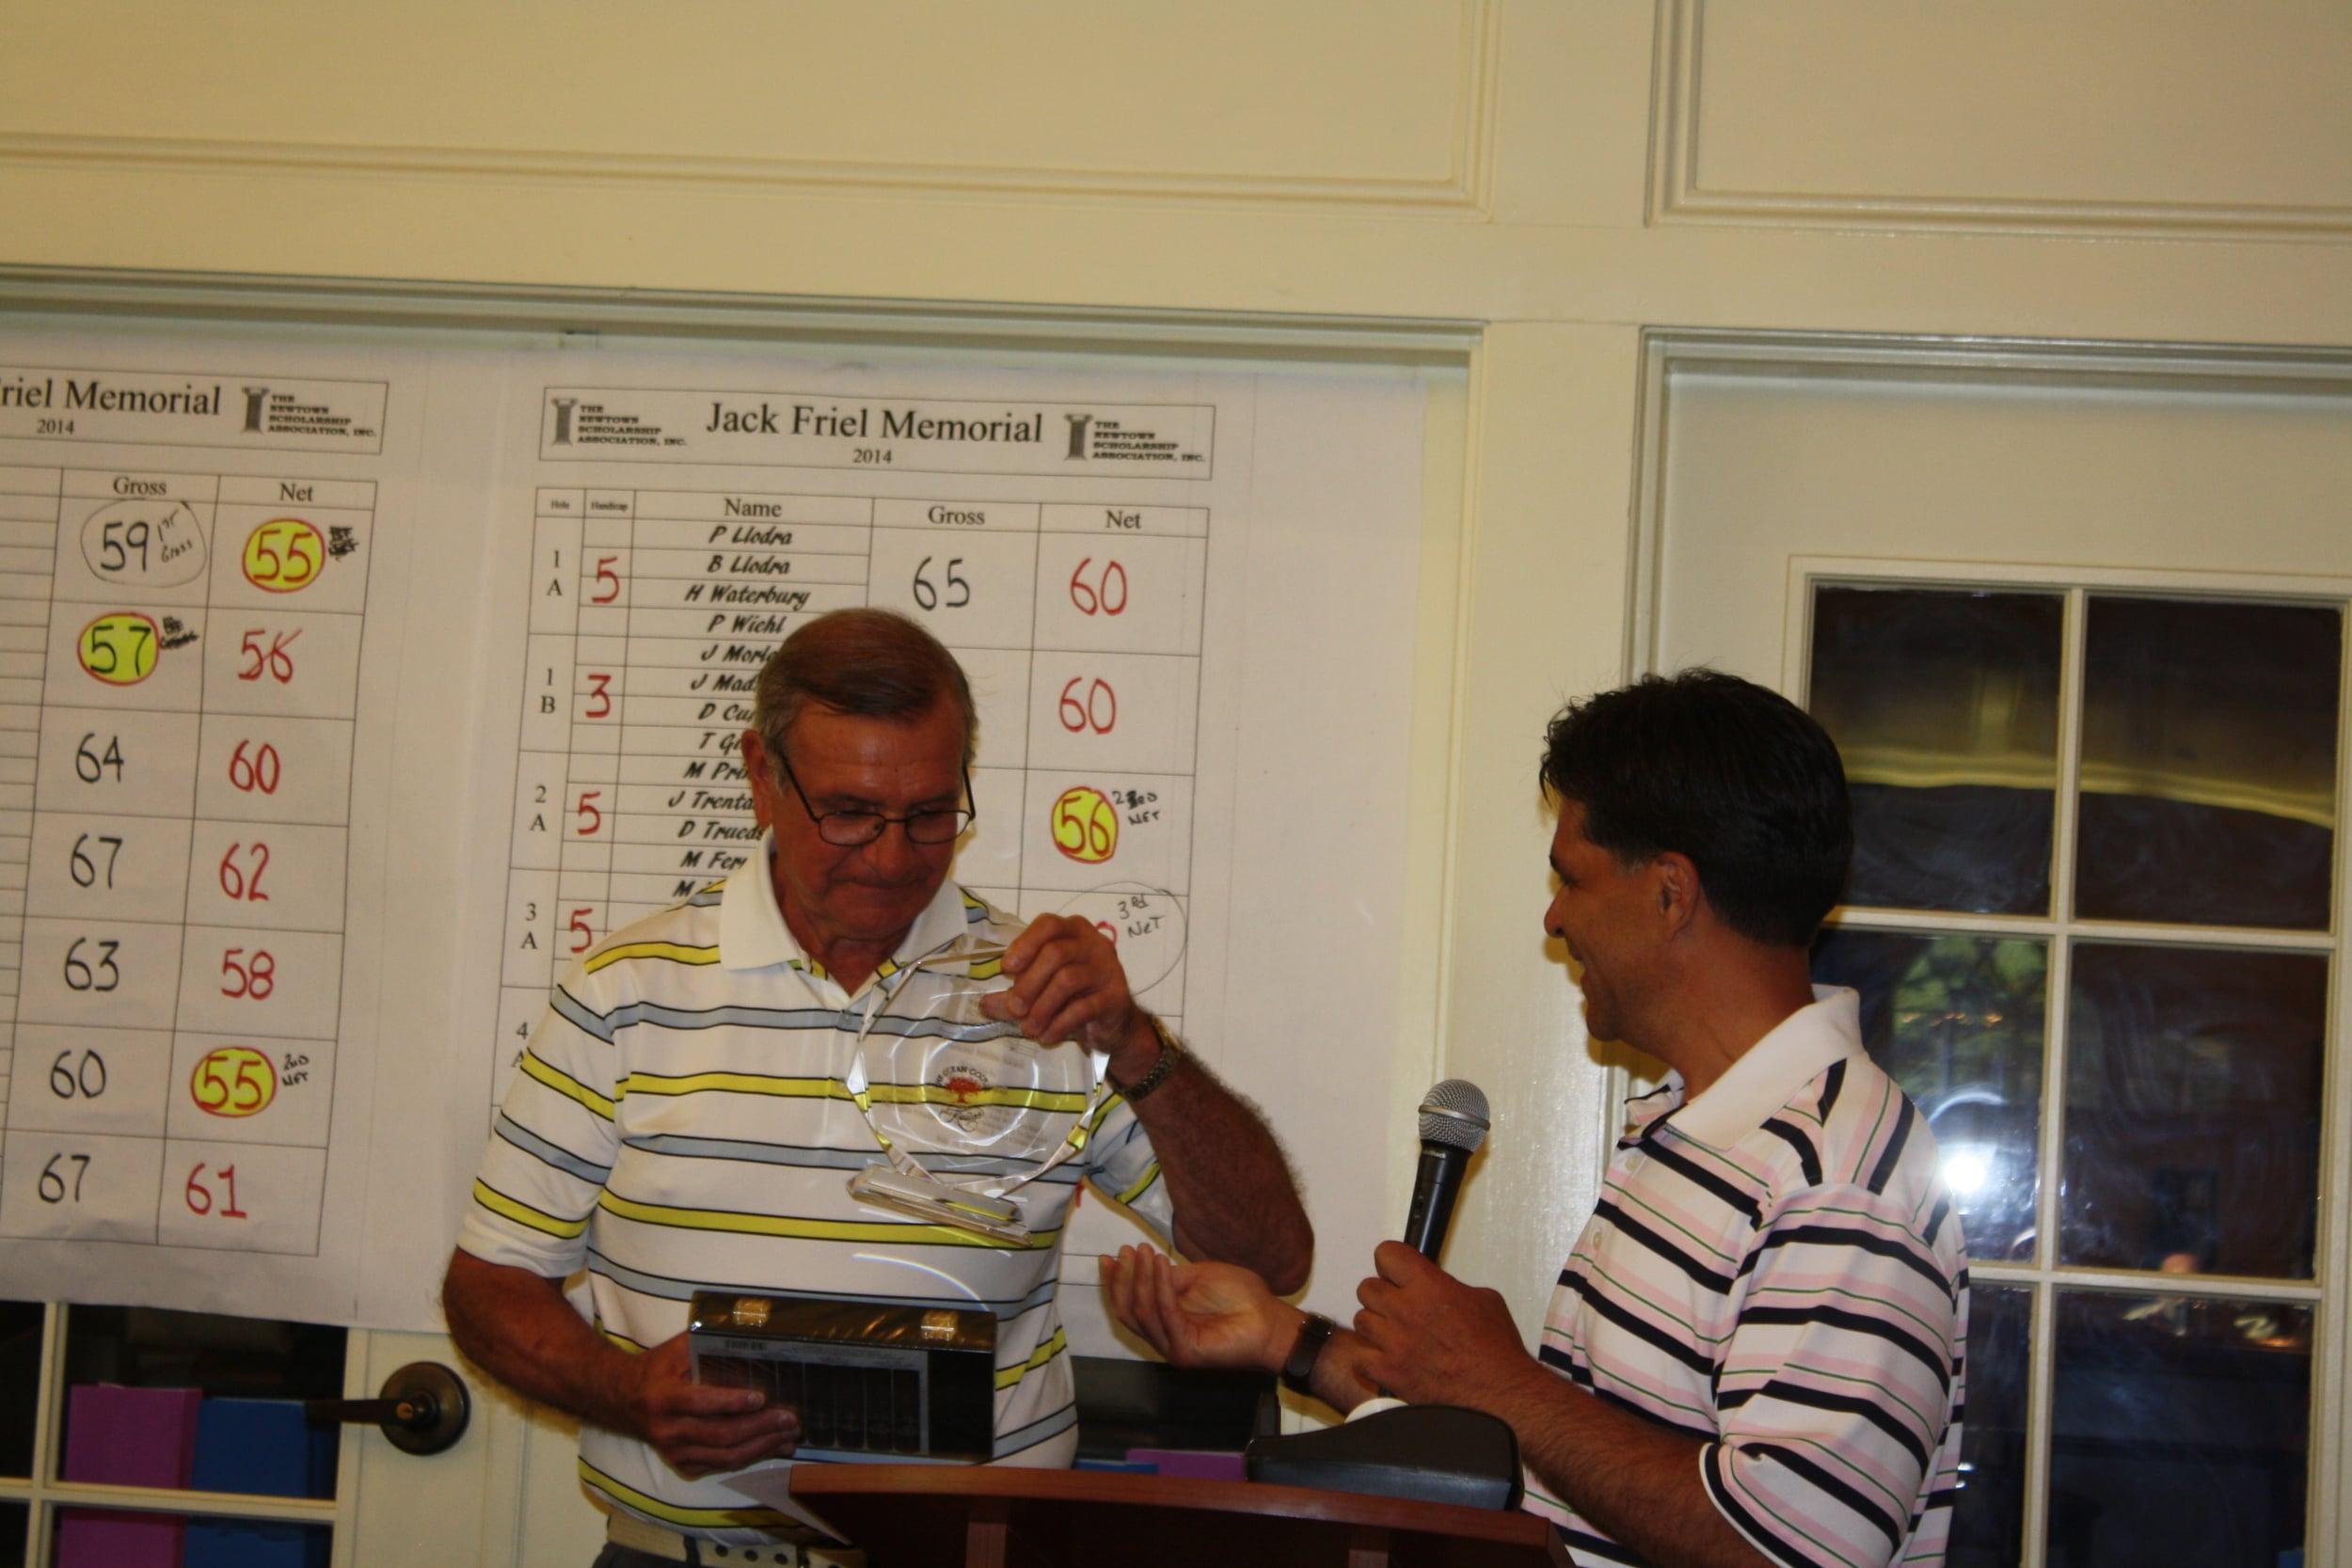 061614 rrcc golf dinner recogognition Osborne Korotash 5474.JPG